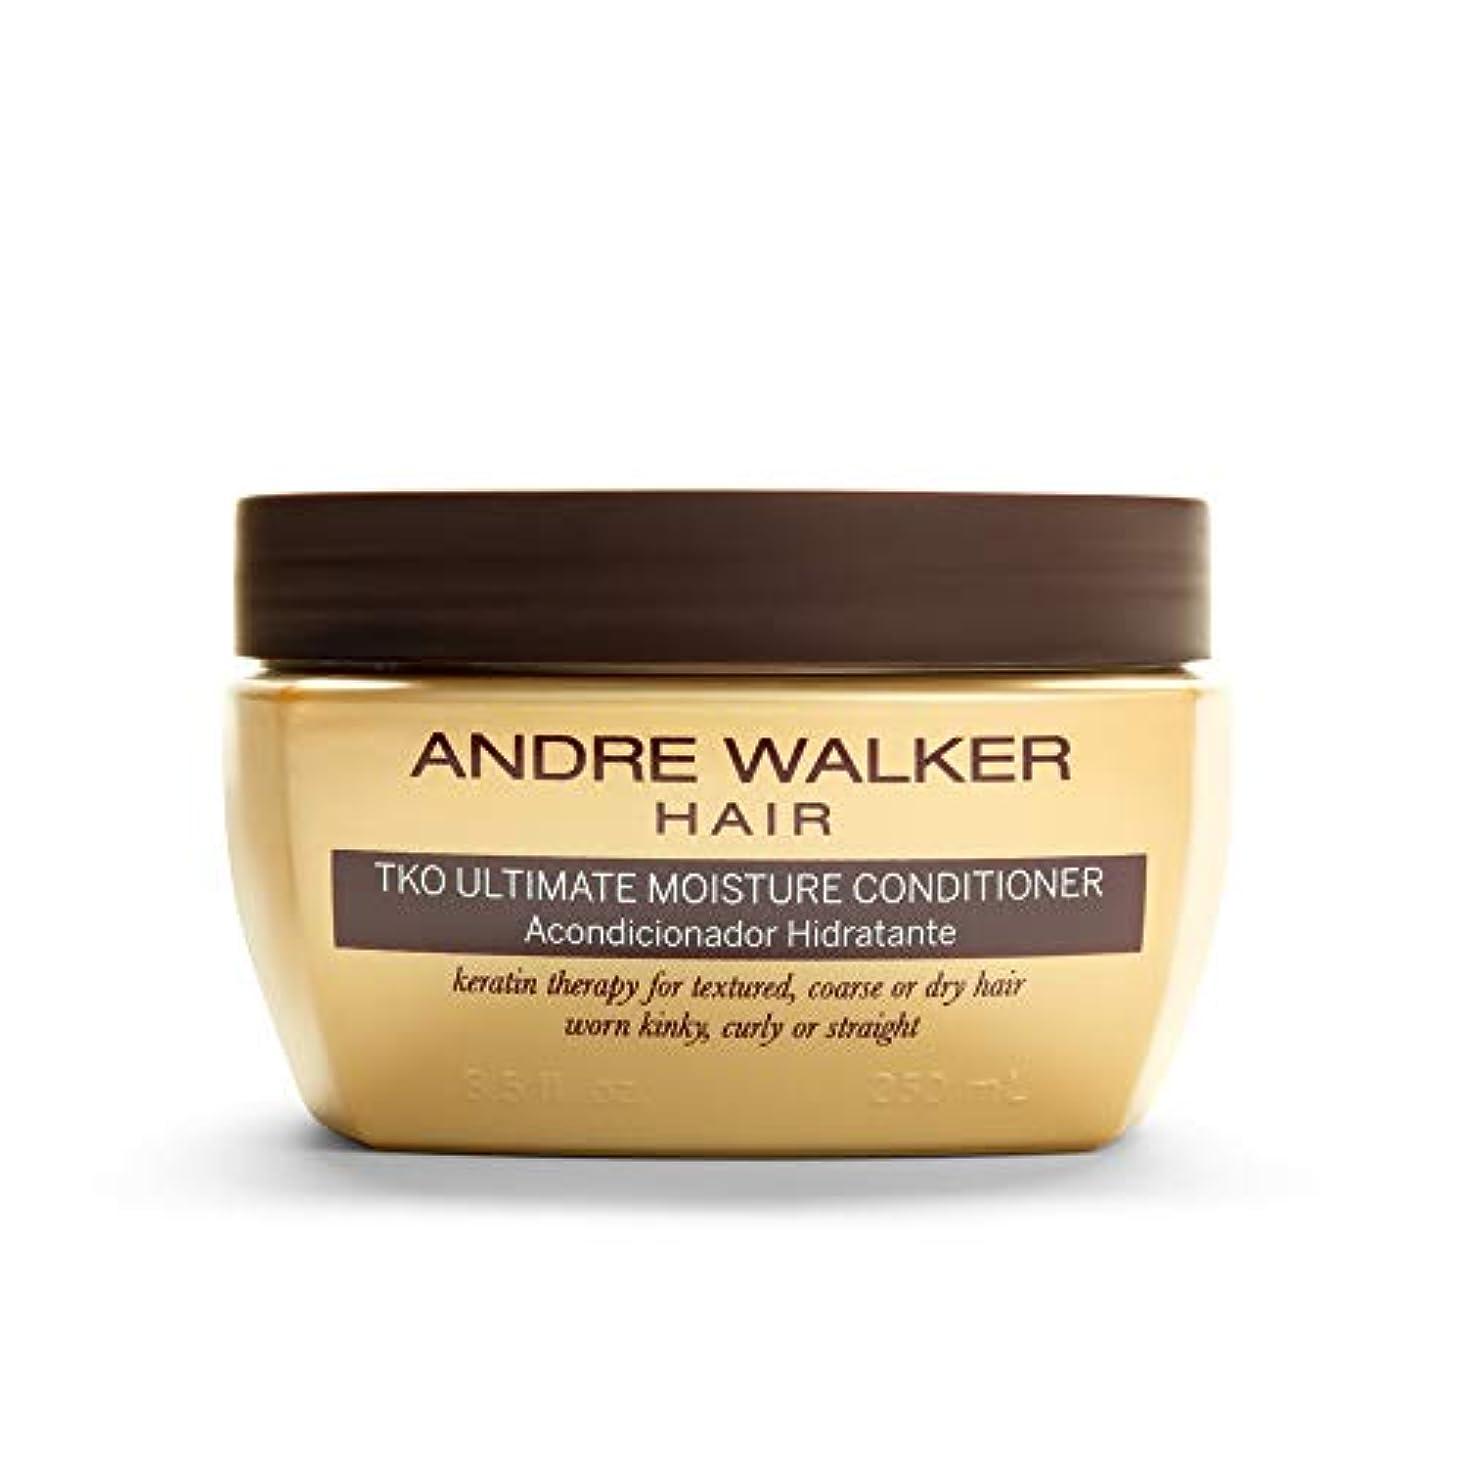 不名誉な化学薬品新聞Andre Walker Hair The Gold System TKO Ultimate Moisture Conditioner 8.5 fl oz. by Andre Walker Hair